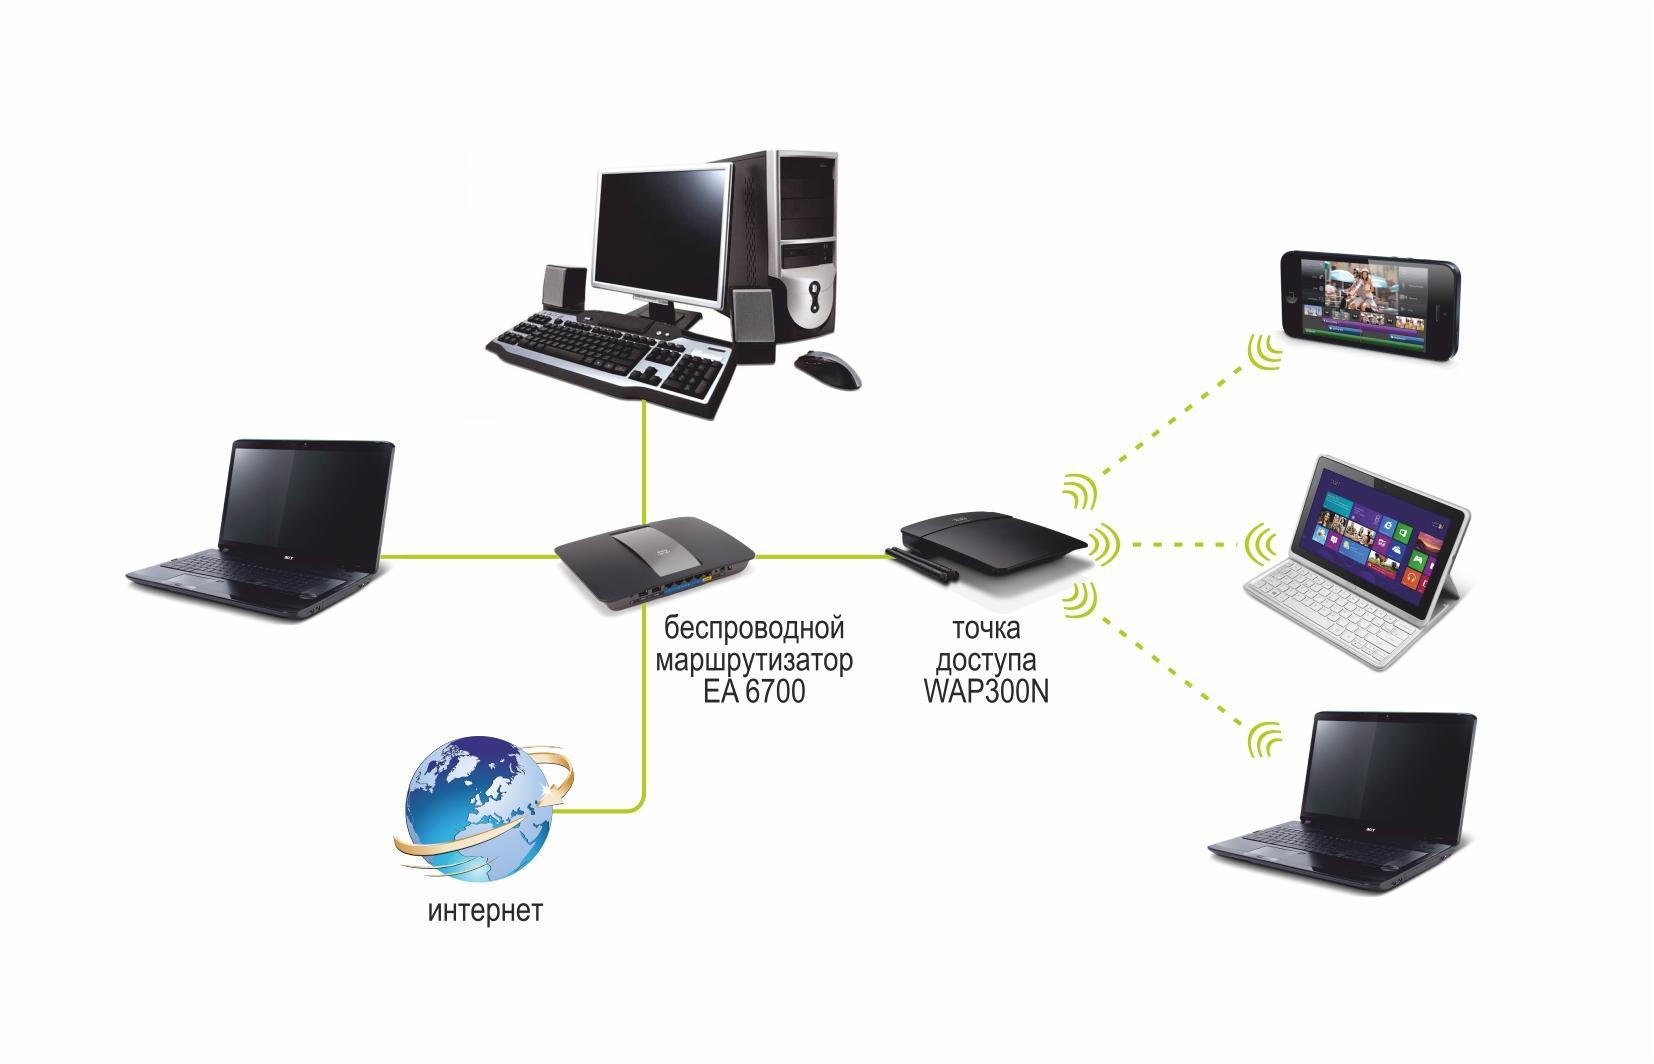 Что такое вай фай / wi-fi ? простыми словами!